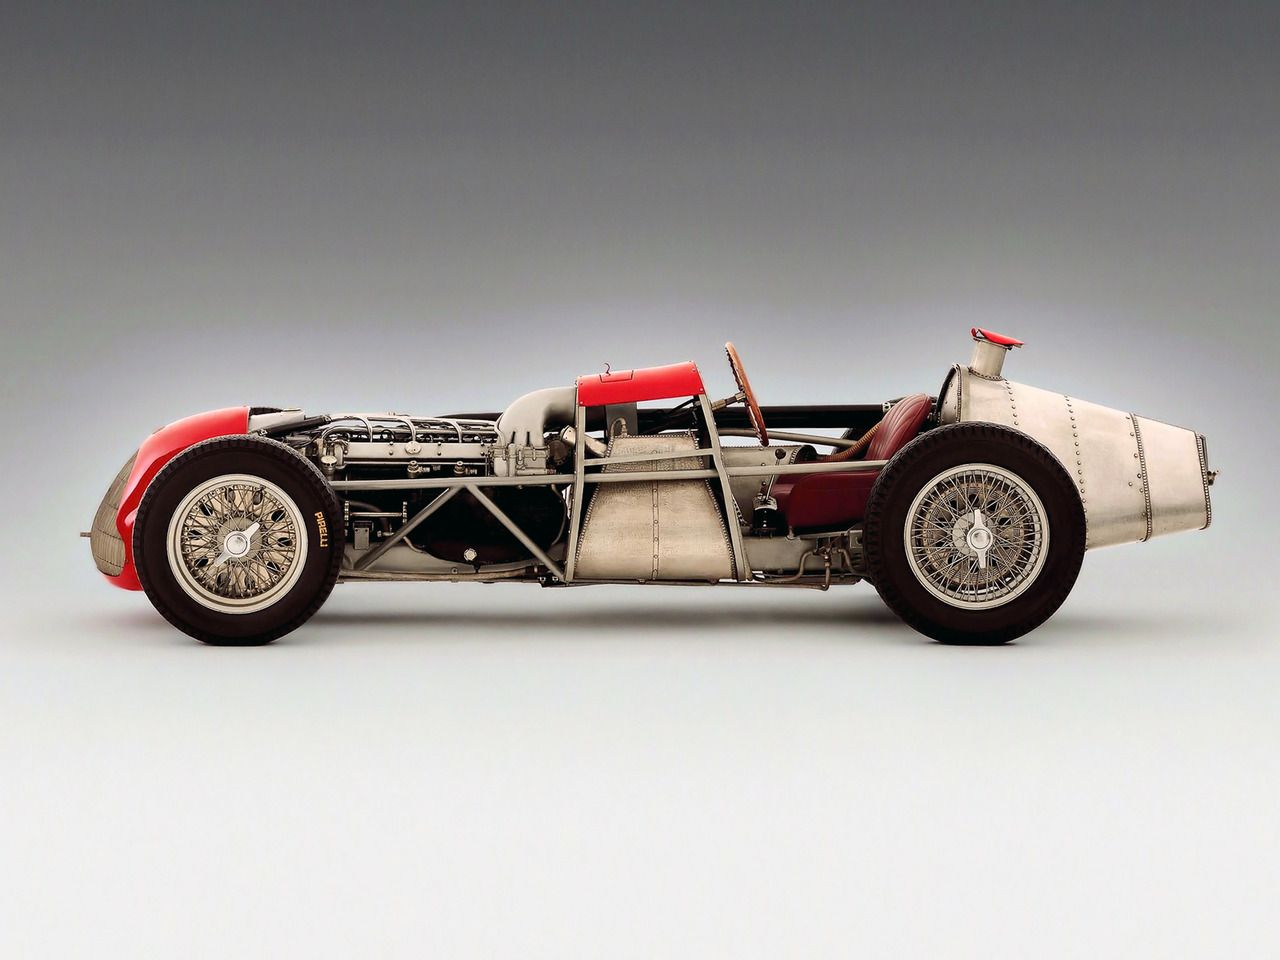 naked 1951 Alfa Romeo Tipo 159 Alfetta